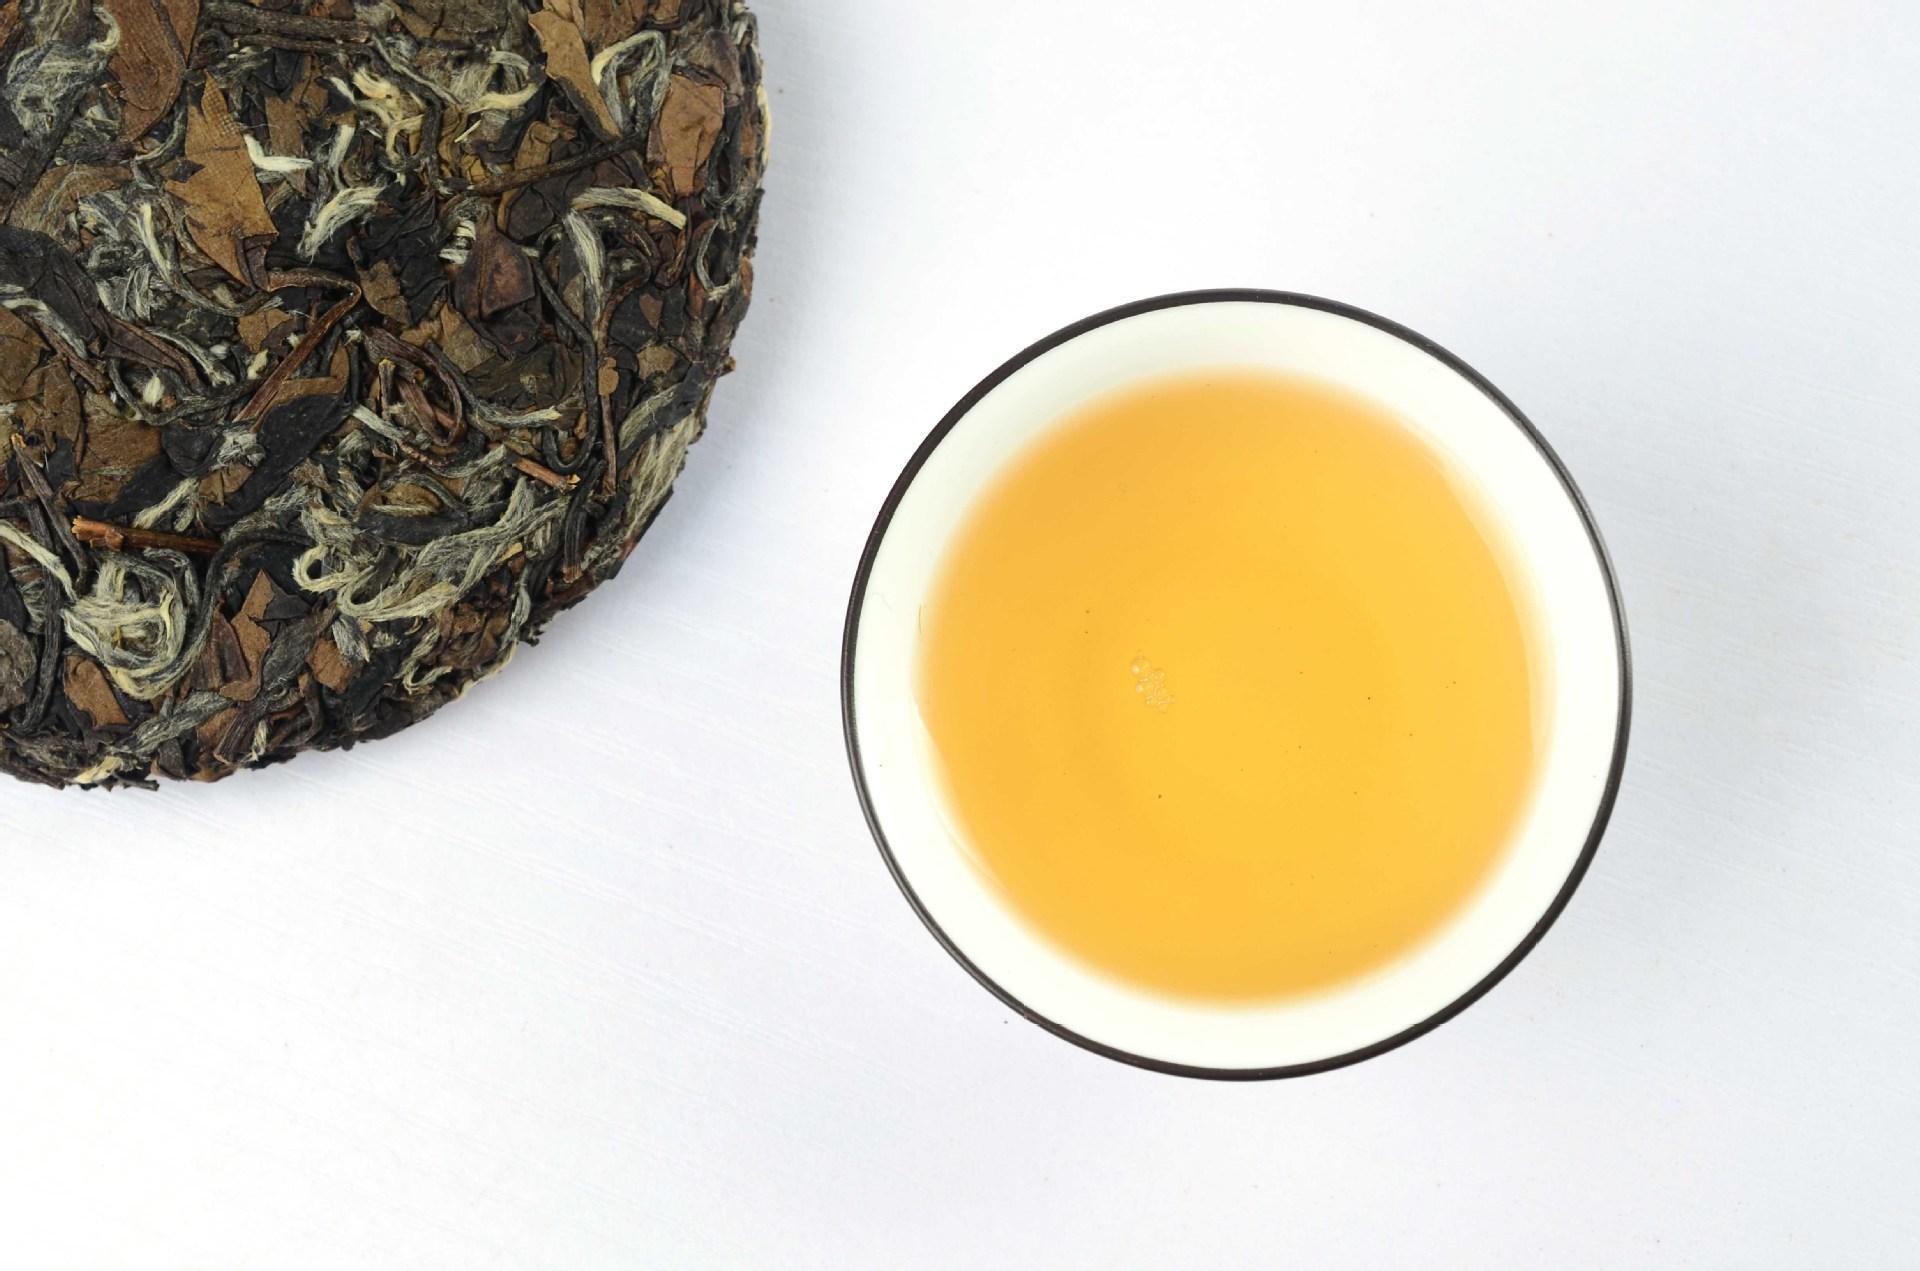 福鼎白茶饼茶和散茶区别,    好茶不压饼?